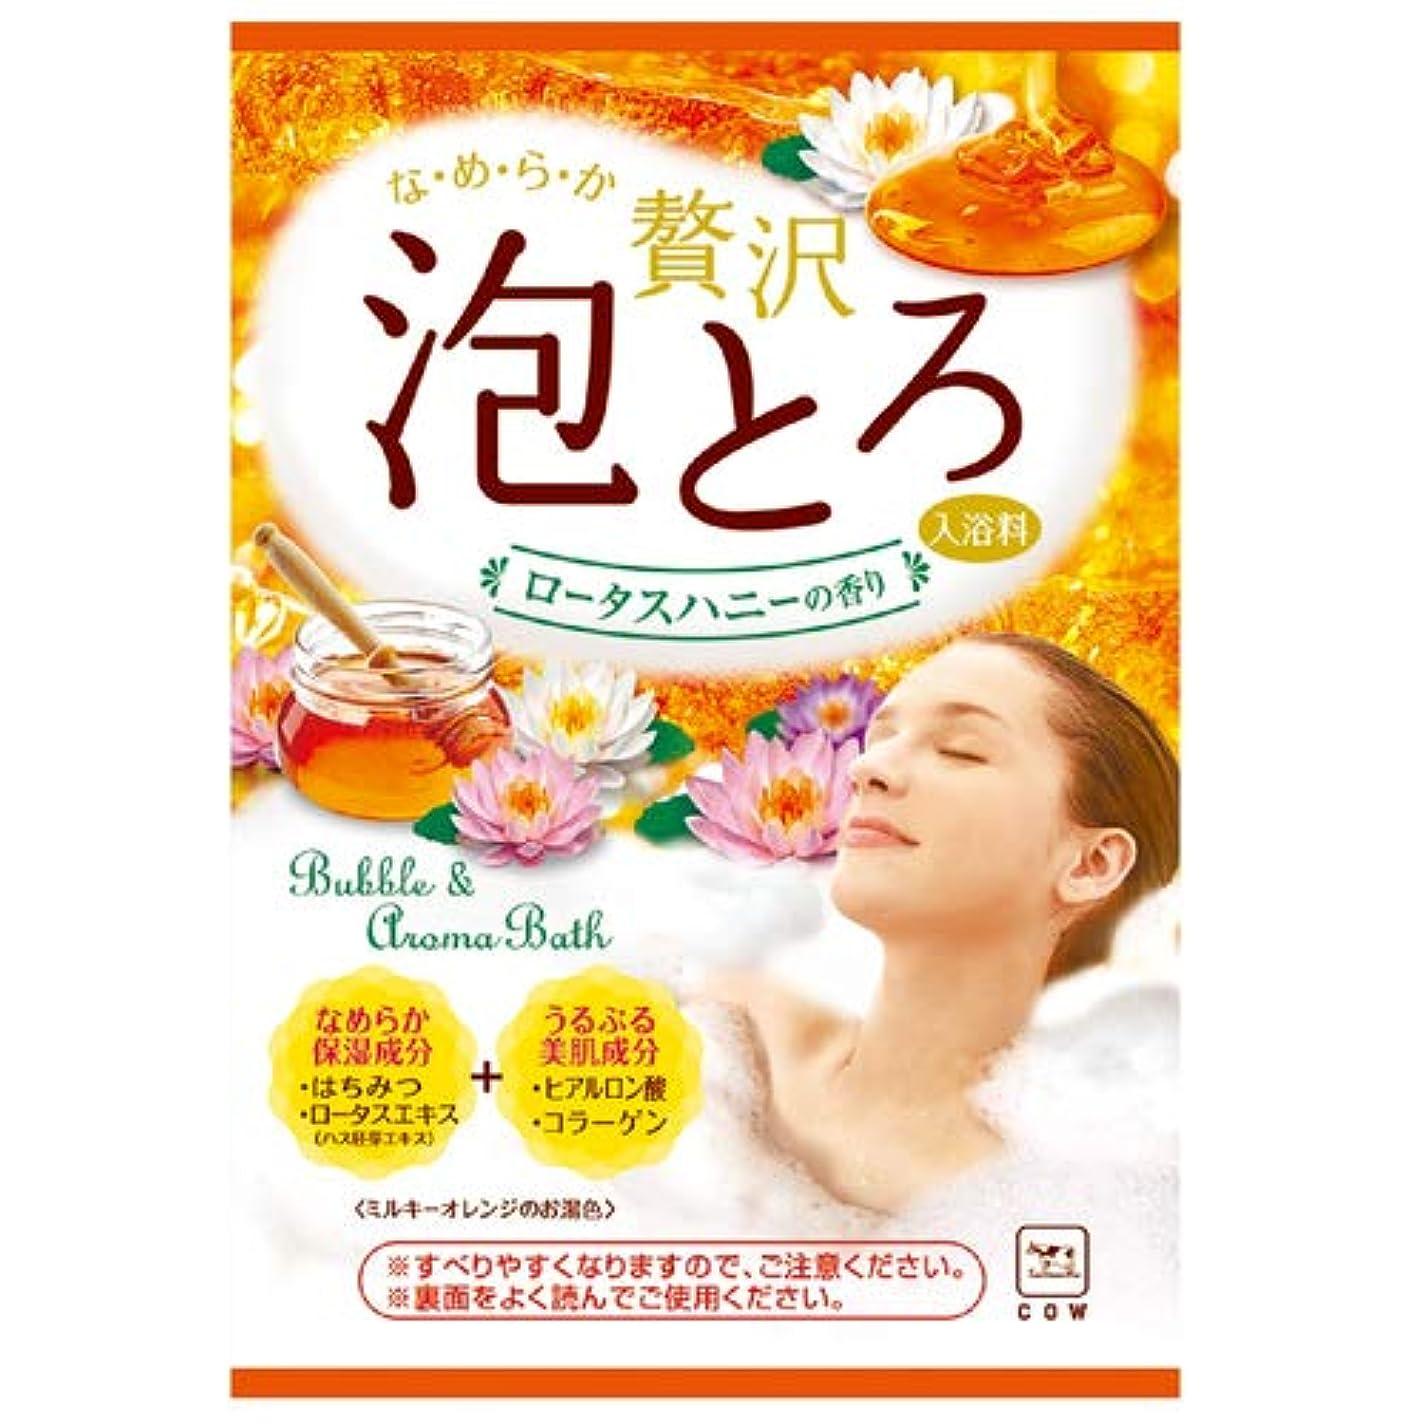 危険なスキャン称賛お湯物語 贅沢泡とろ入浴料 ロータスハニーの香り 30g